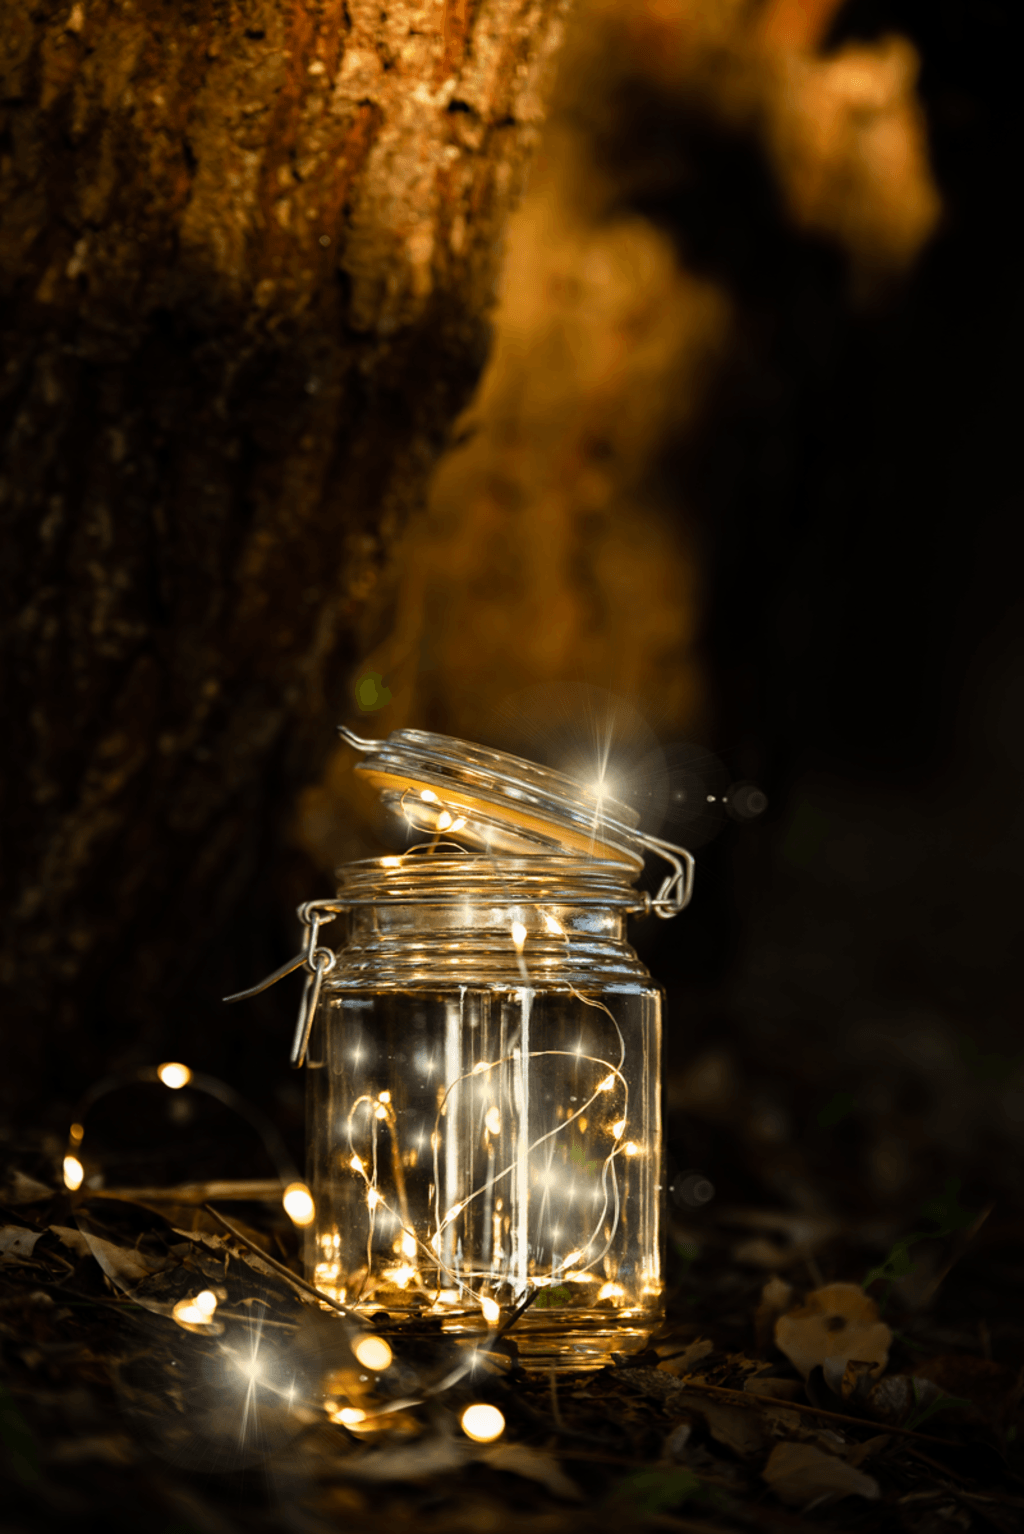 Magic lights via Through the eyes of Sérgio Gonçallo